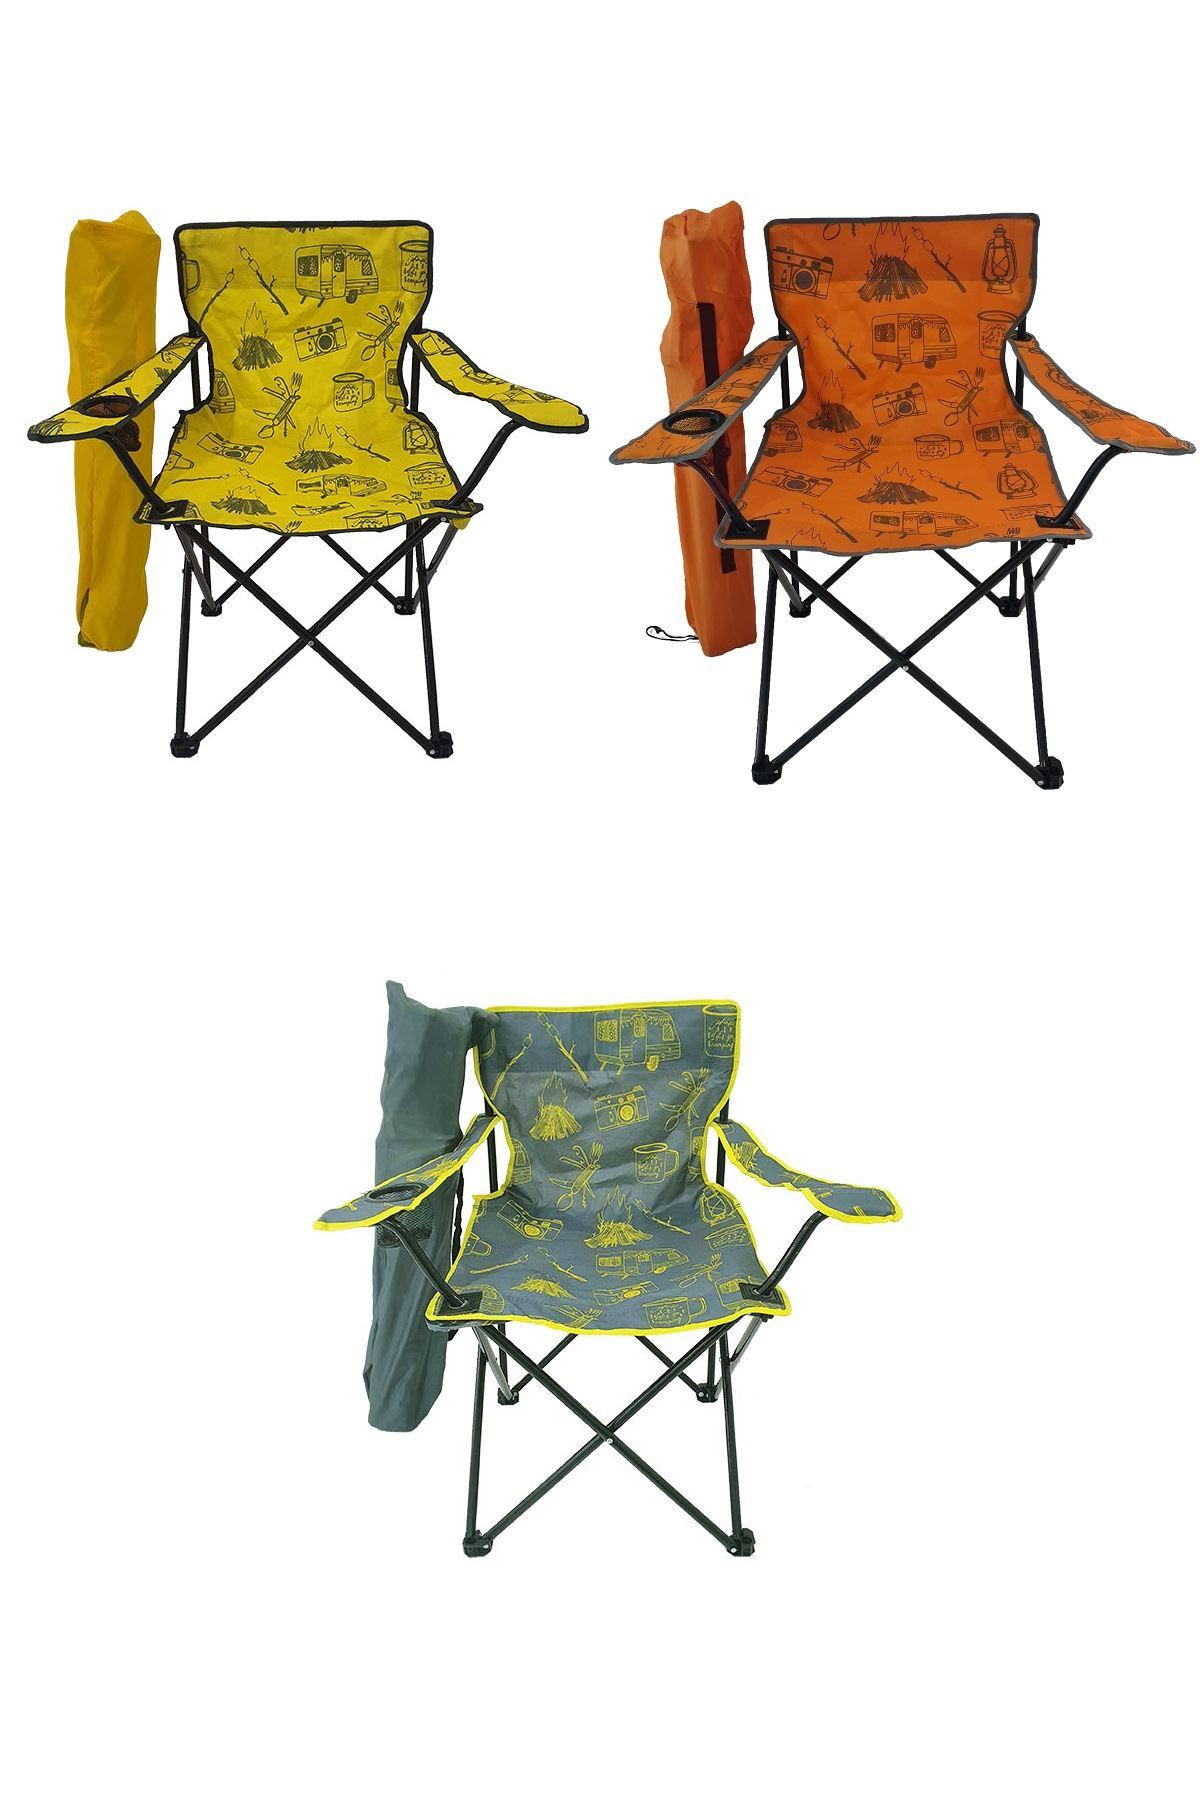 Bofigo 3 Adet Kamp Sandalyesi Katlanır Sandalye Bahçe Koltuğu Piknik Plaj Sandalyesi Desenli Karma